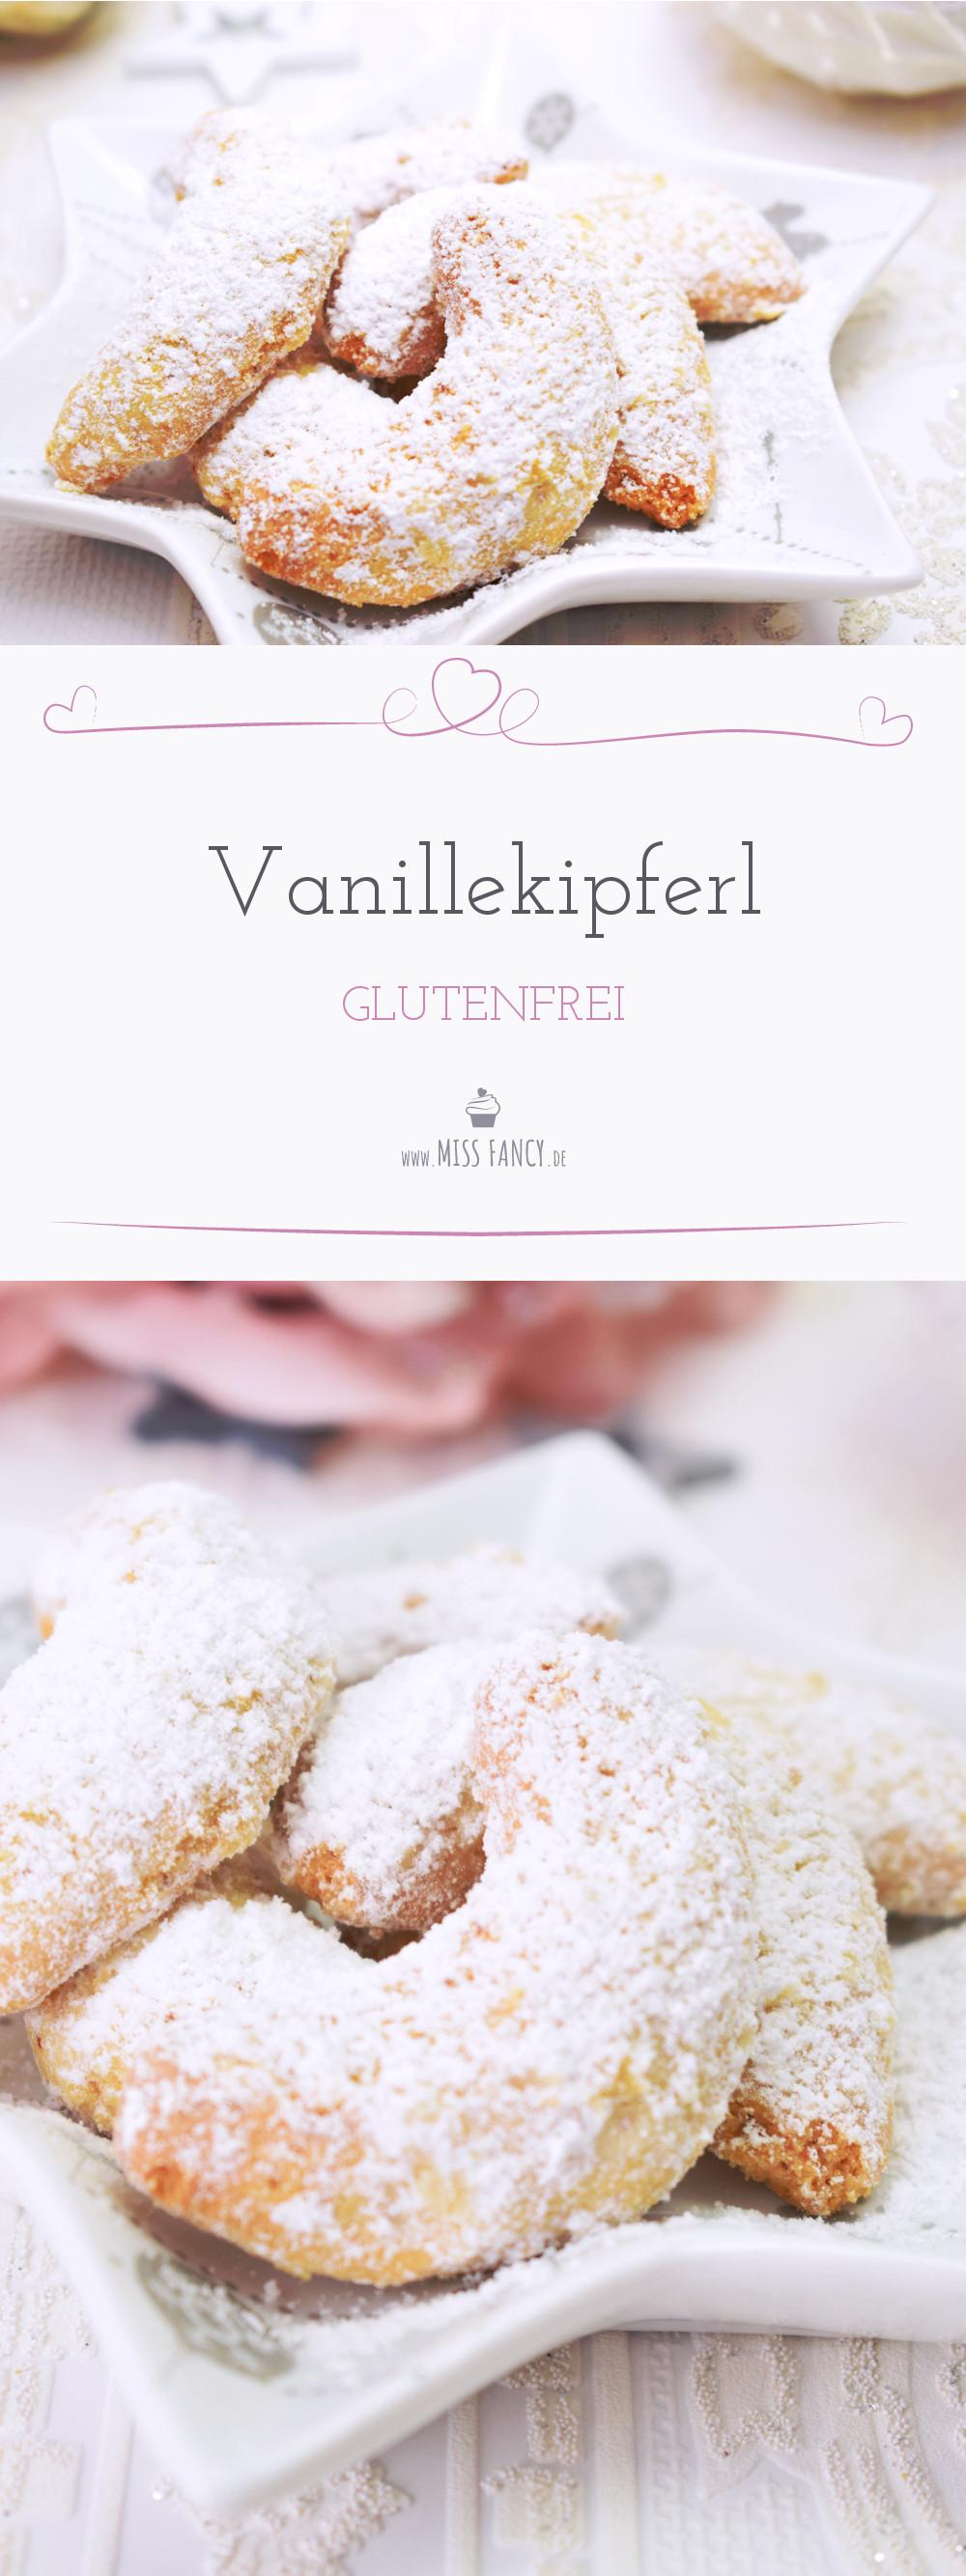 REZEPT-Vanillekipferl Glutenfrei Missfancy